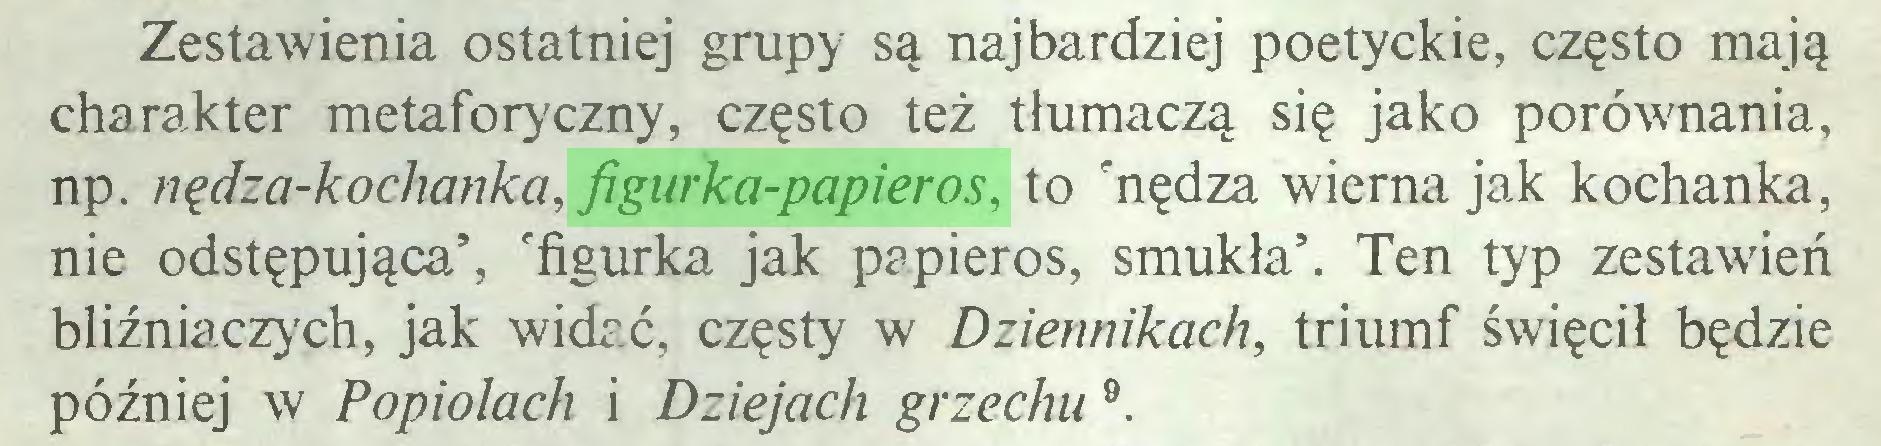 (...) Zestawienia ostatniej grupy są najbardziej poetyckie, często mają charakter metaforyczny, często też tłumaczą się jako porównania, np. nędza-kochanka, figurka-papieros, to 'nędza wierna jak kochanka, nie odstępująca', 'figurka jak papieros, smukła'. Ten typ zestawień bliźniaczych, jak widać, częsty w Dziennikach, triumf święcił będzie później w Popiołach i Dziejach grzechu 9...